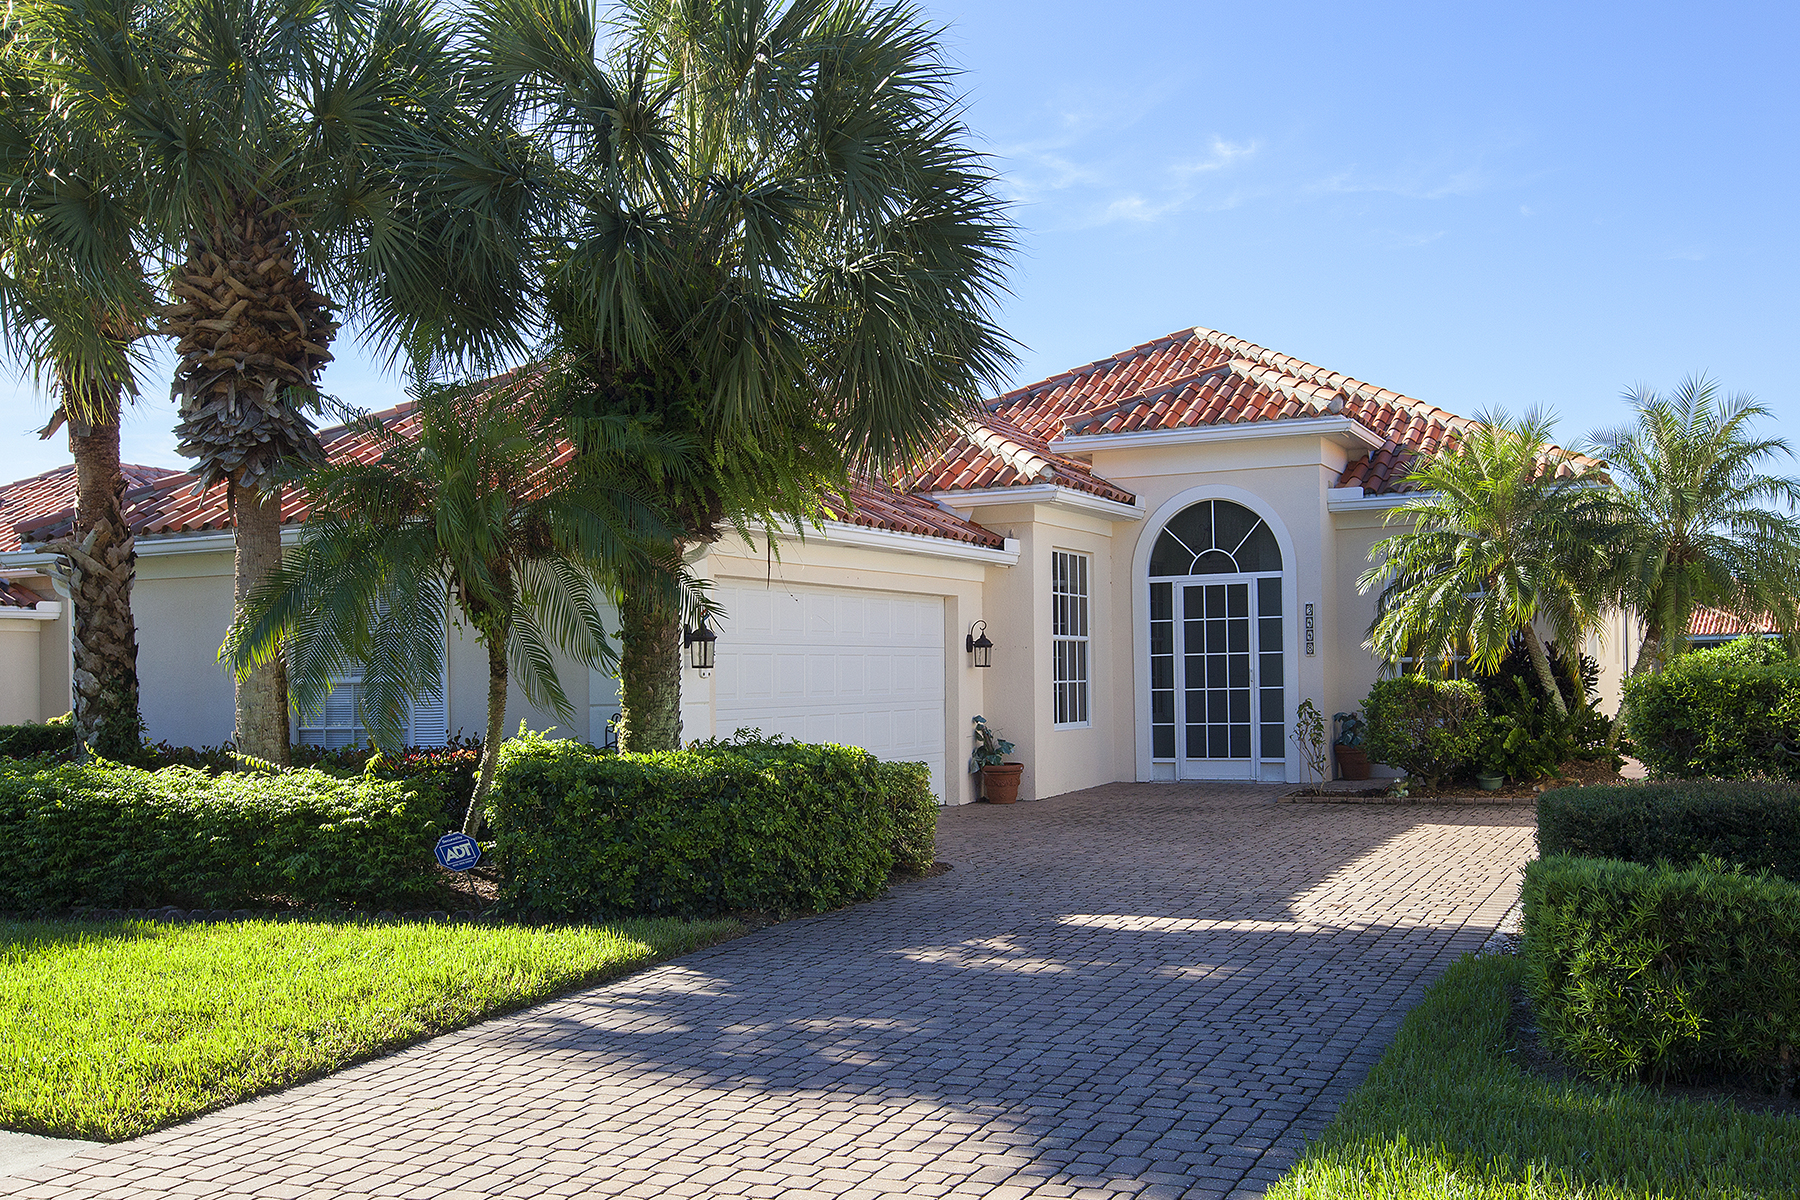 단독 가정 주택 용 매매 에 VILLAGE WALK - VILLAGE WALK 3448 Donoso Ct Naples, 플로리다, 34109 미국